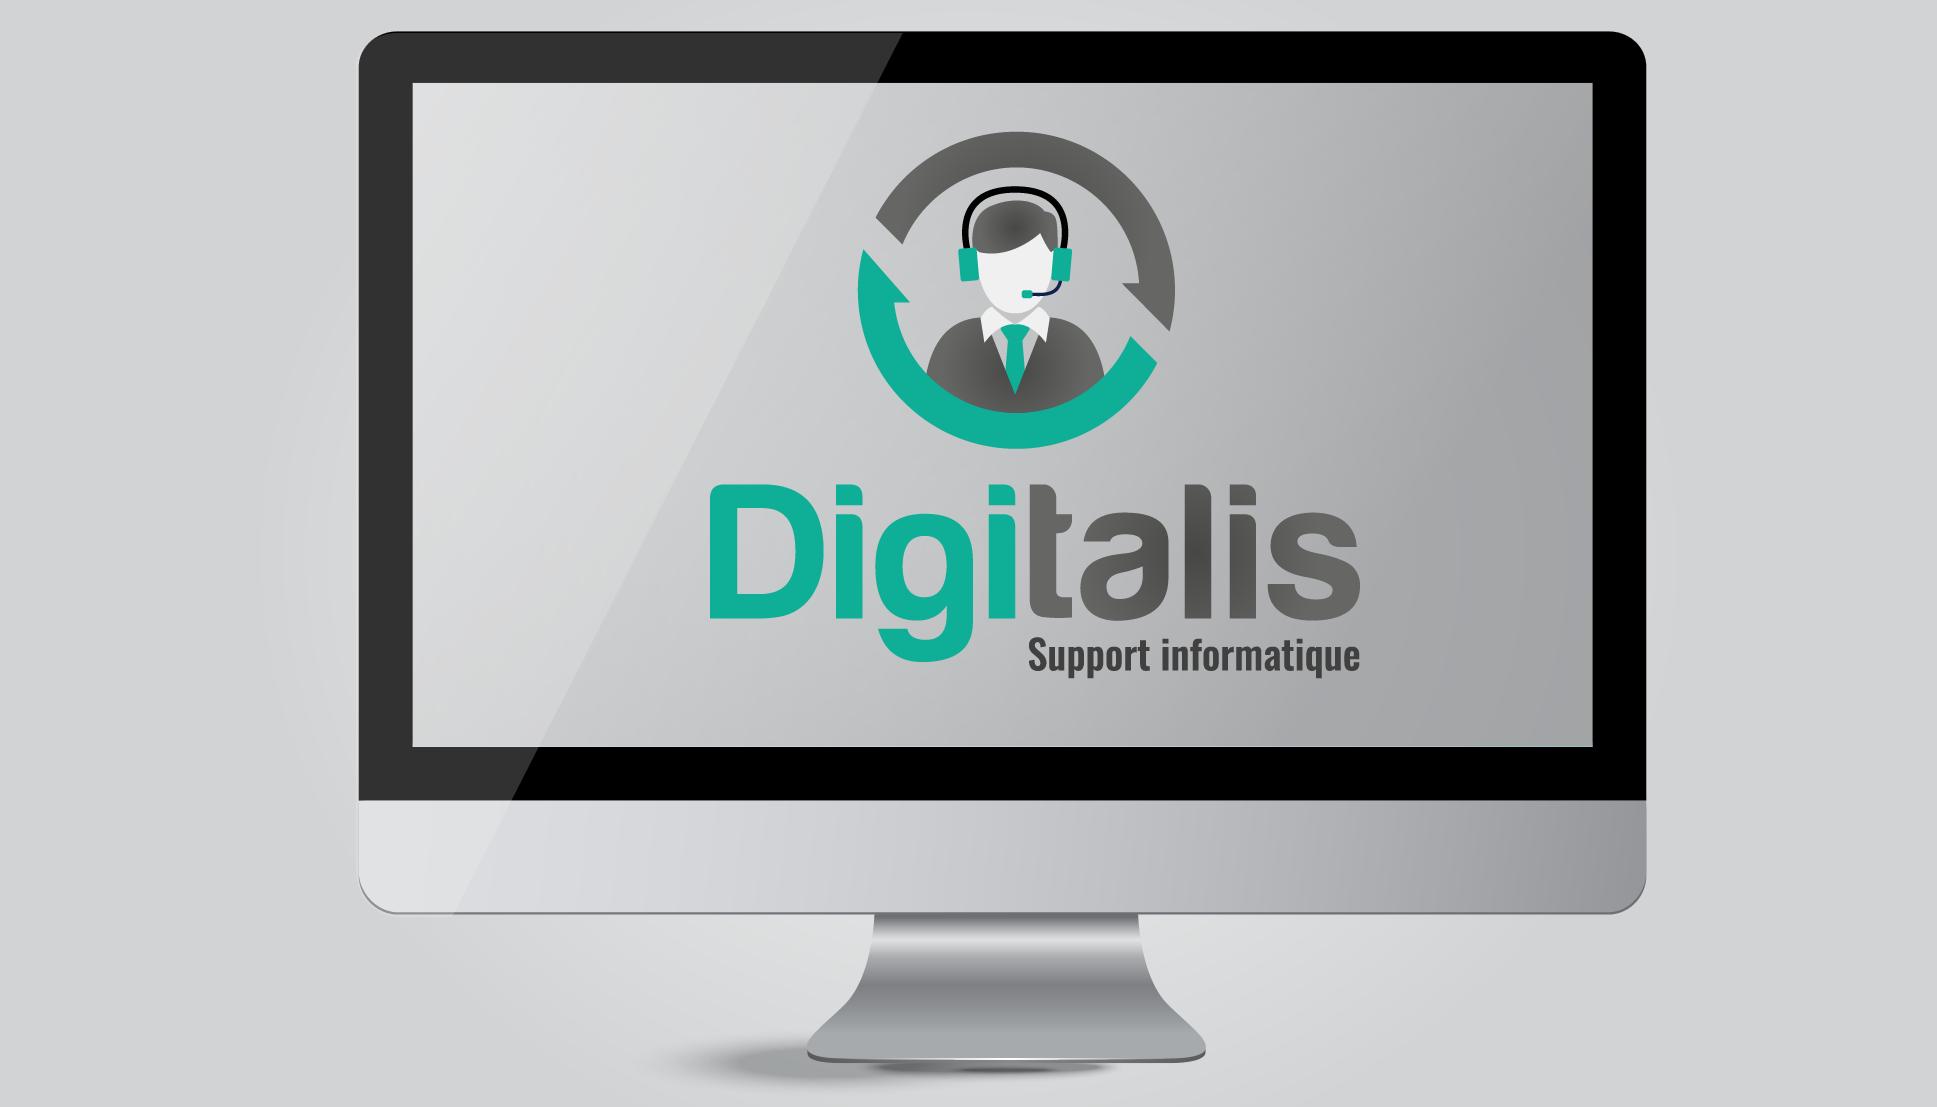 digitalis-1